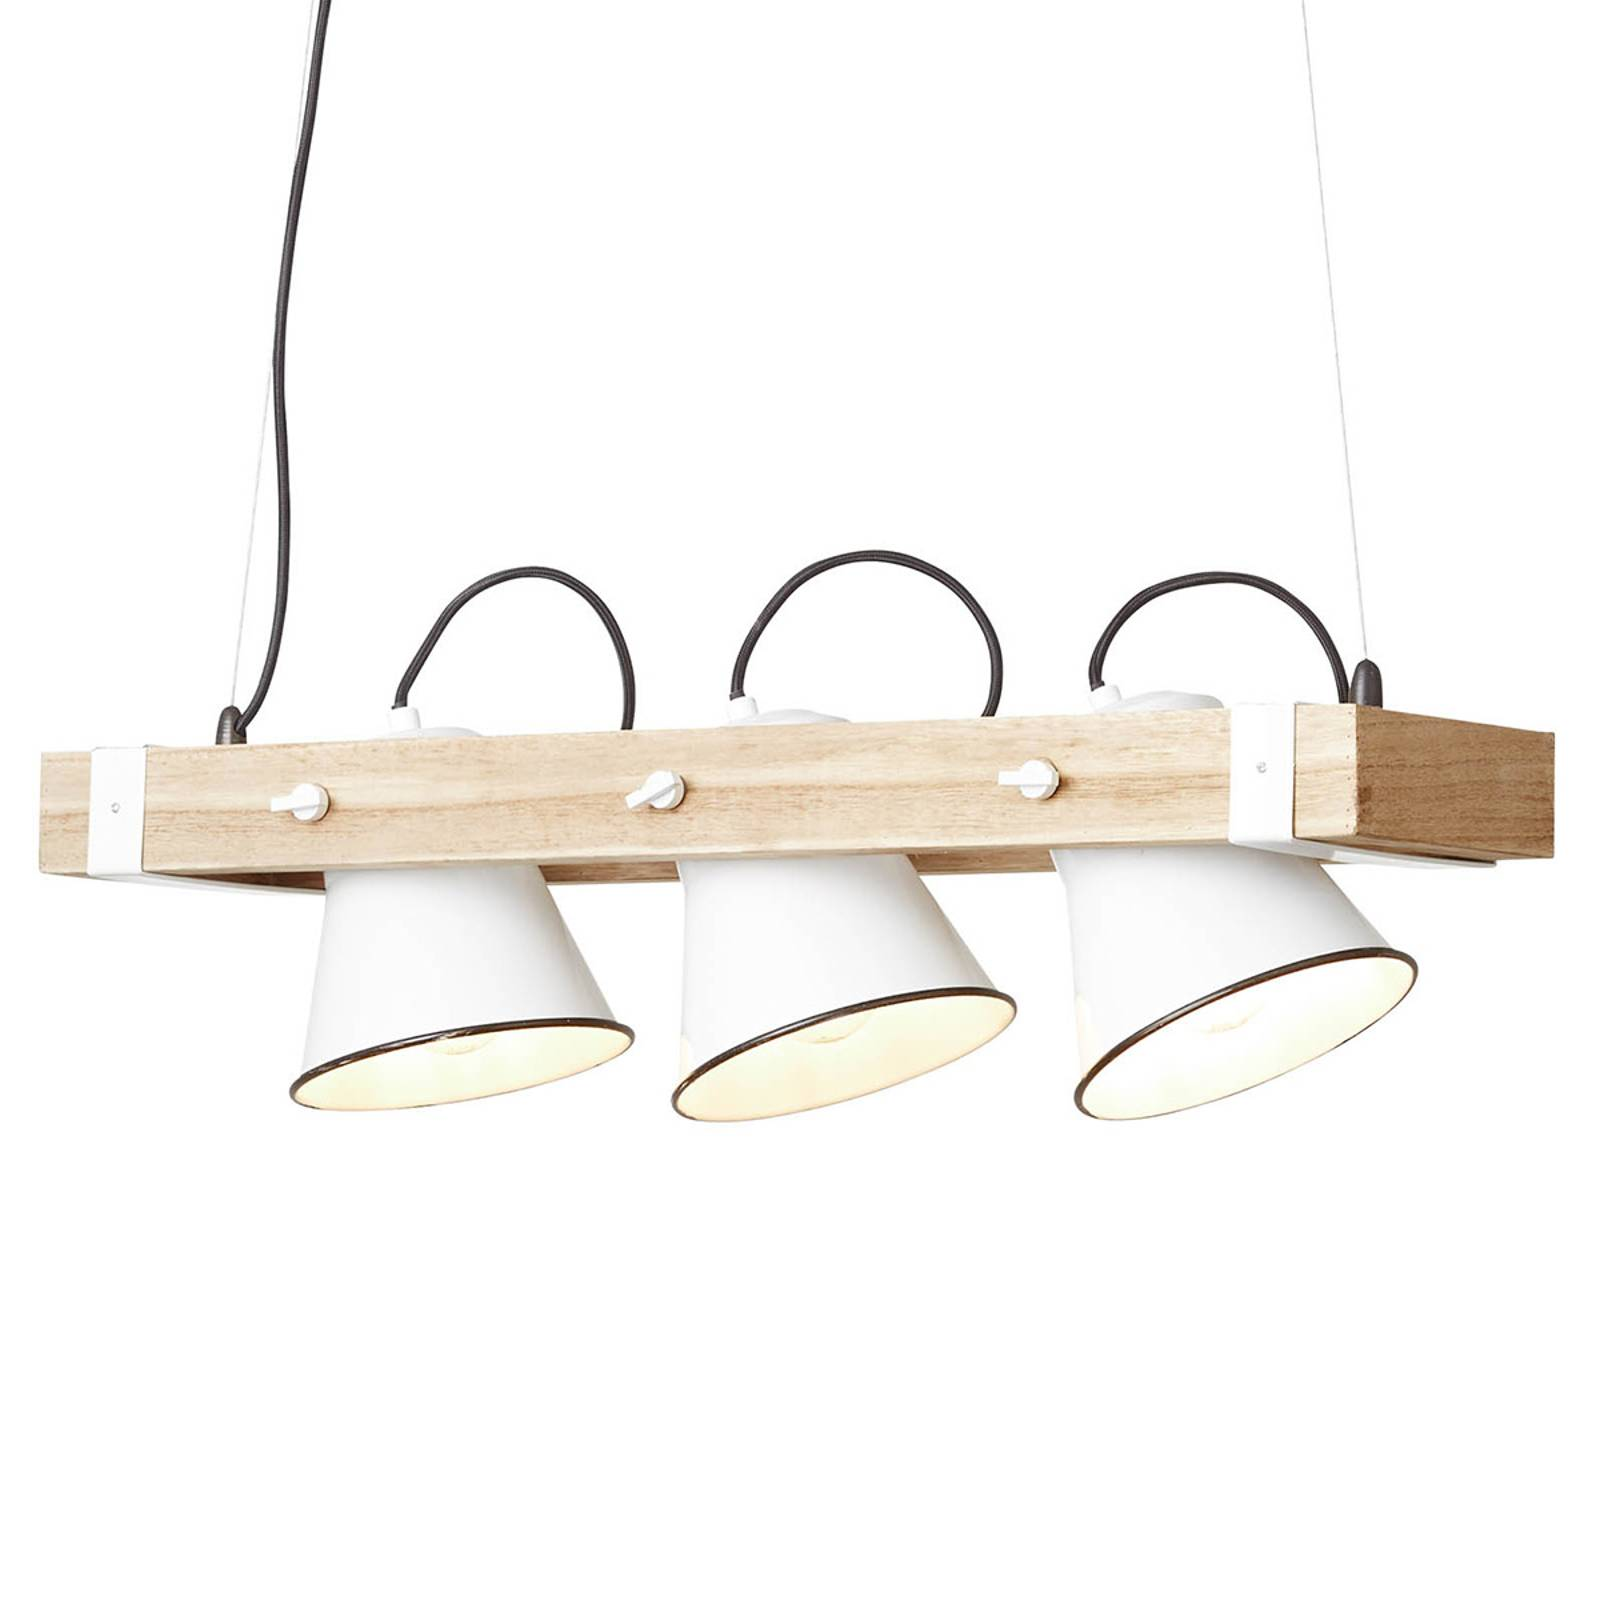 Lampa wisząca Plow 3-pkt. biała jasne drewno